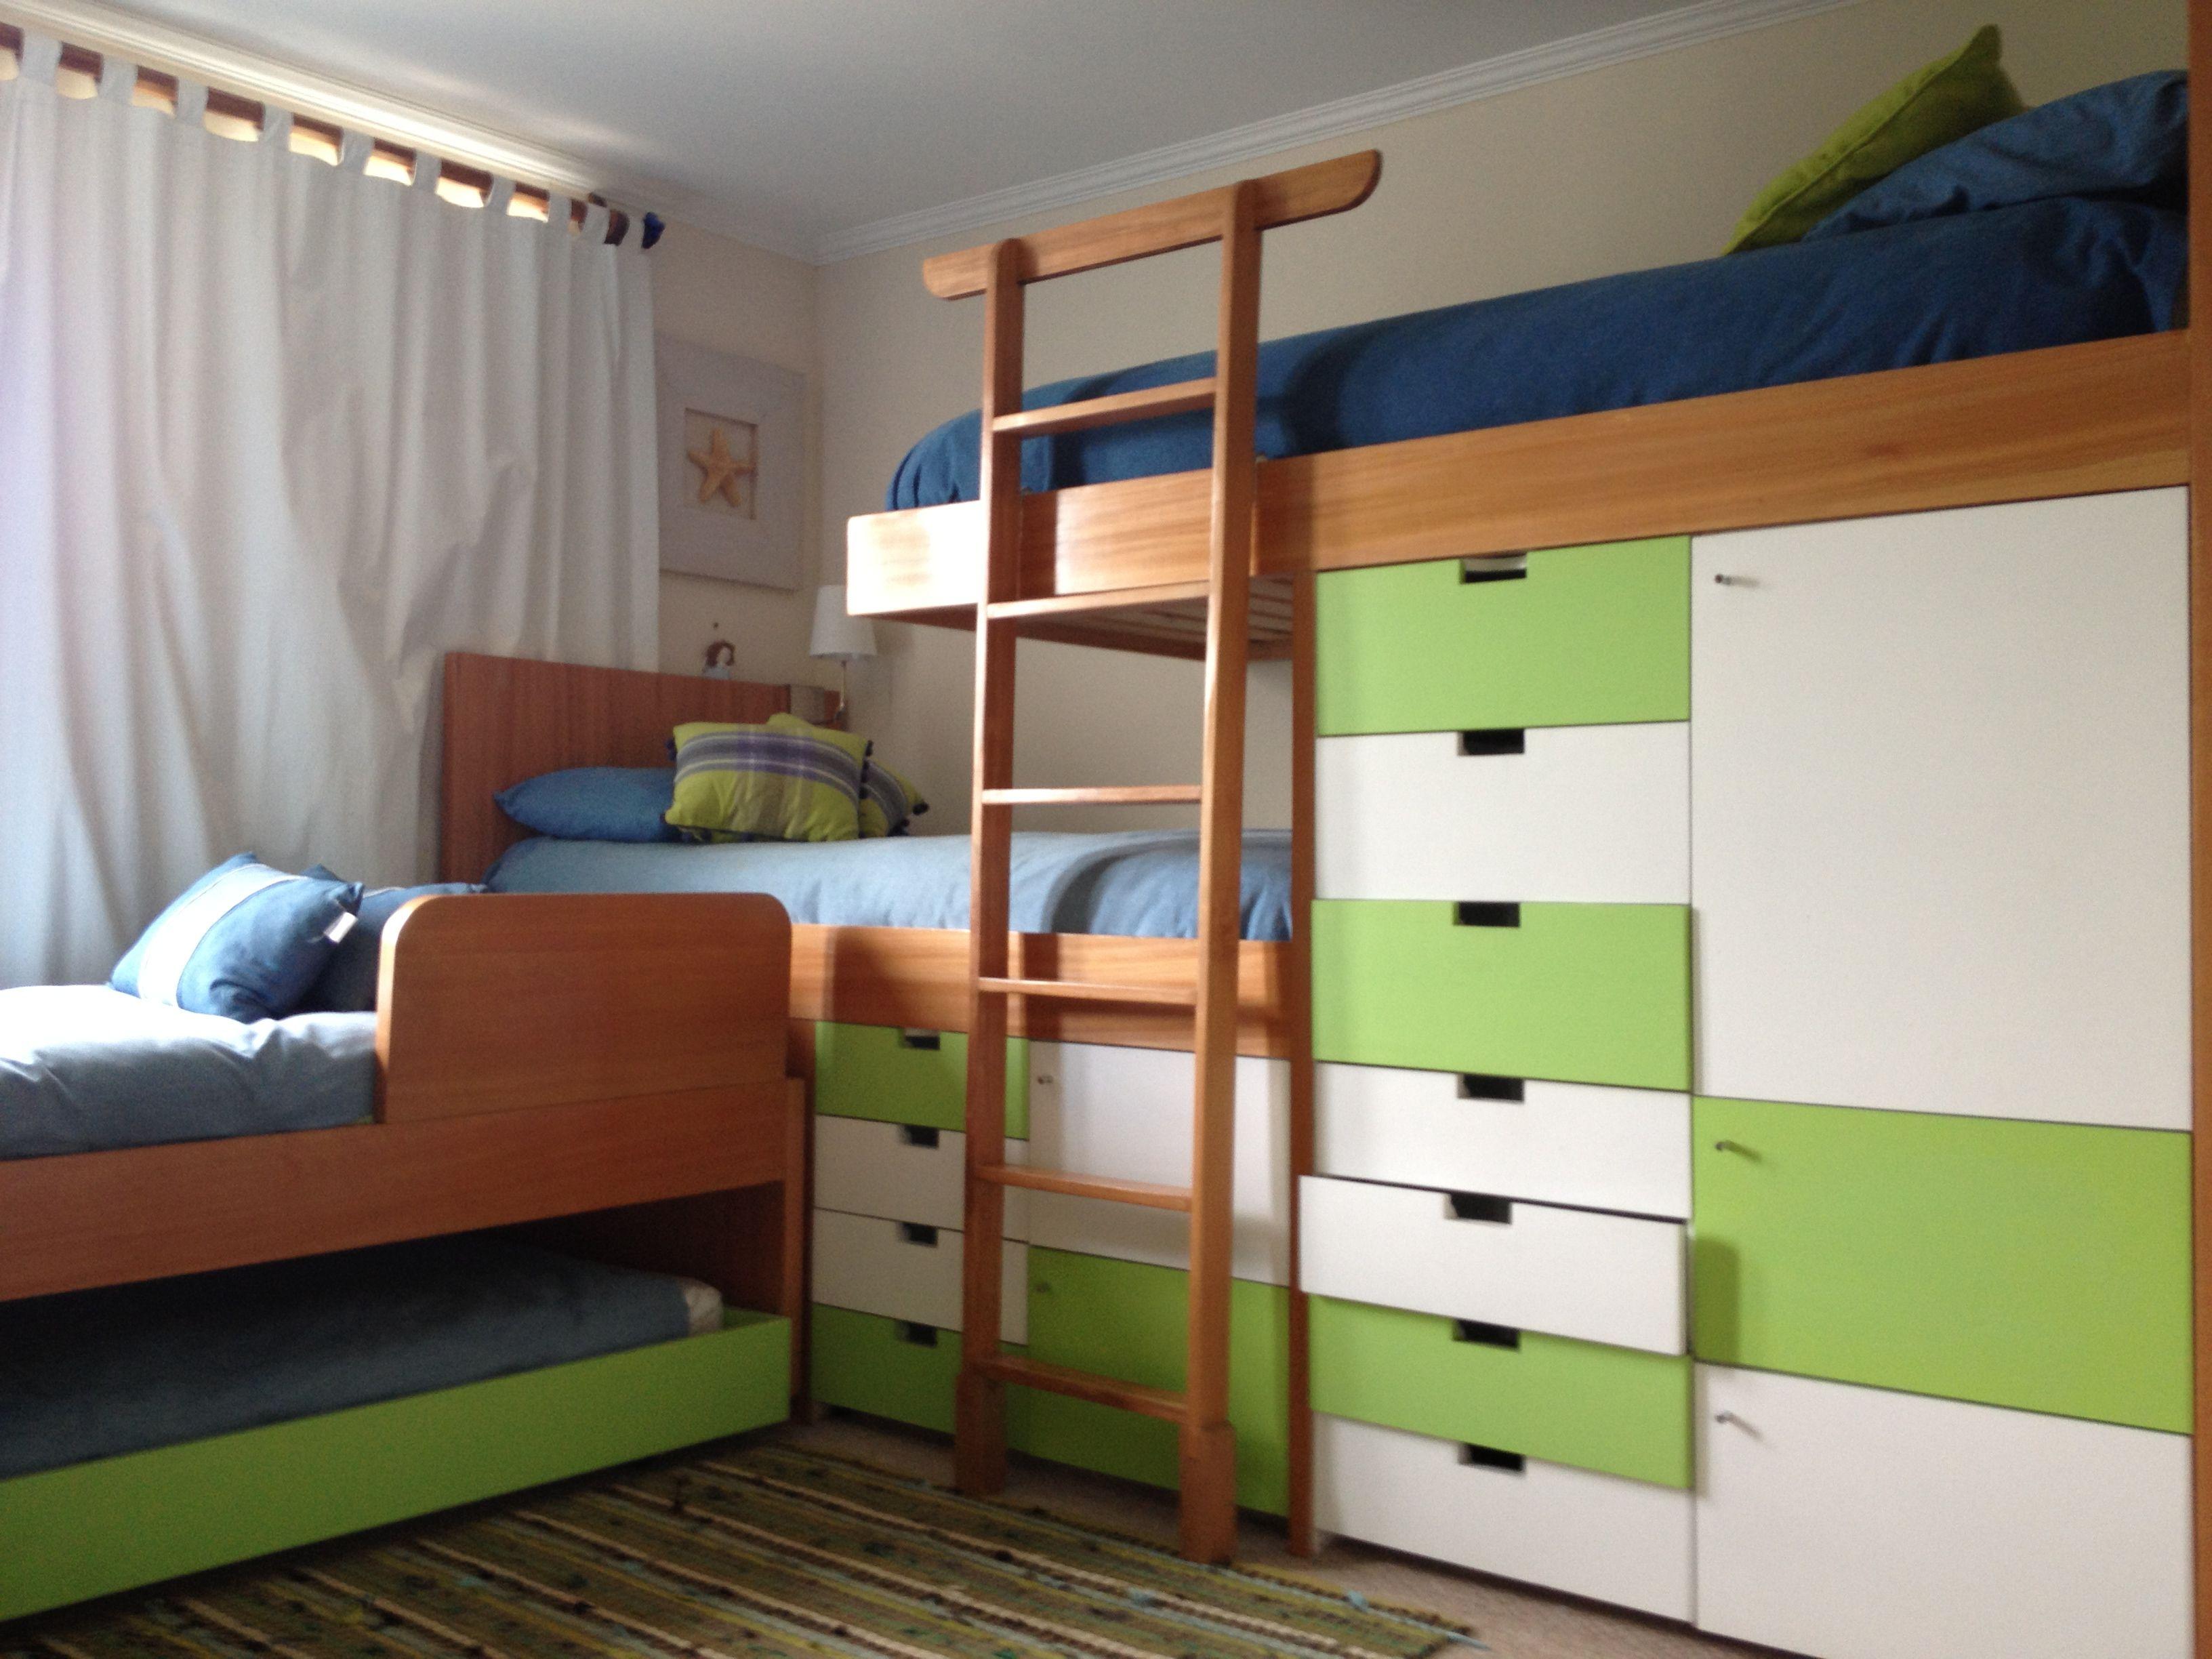 4 camas con cajoneras y closet aprovechando todos los - Cajoneras para ropa ...